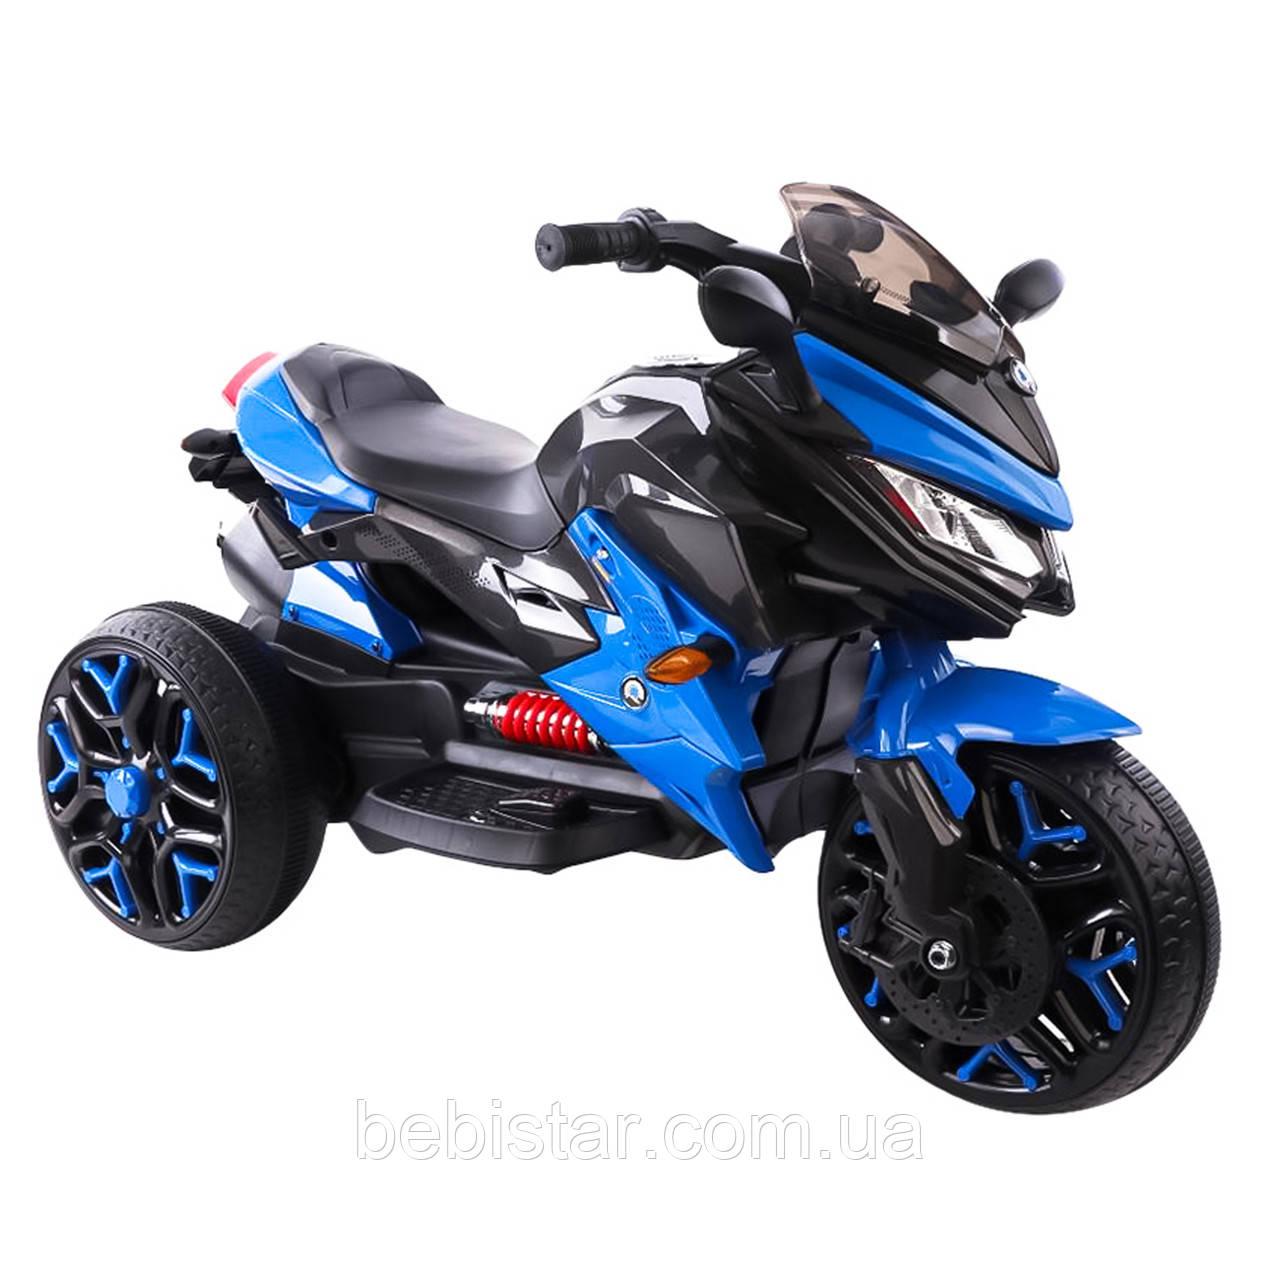 Электромобиль мотоцикл трехколесный синий с 2-мя моторами EVA колеса с MP3 длина 115см от 3 до 8 лет